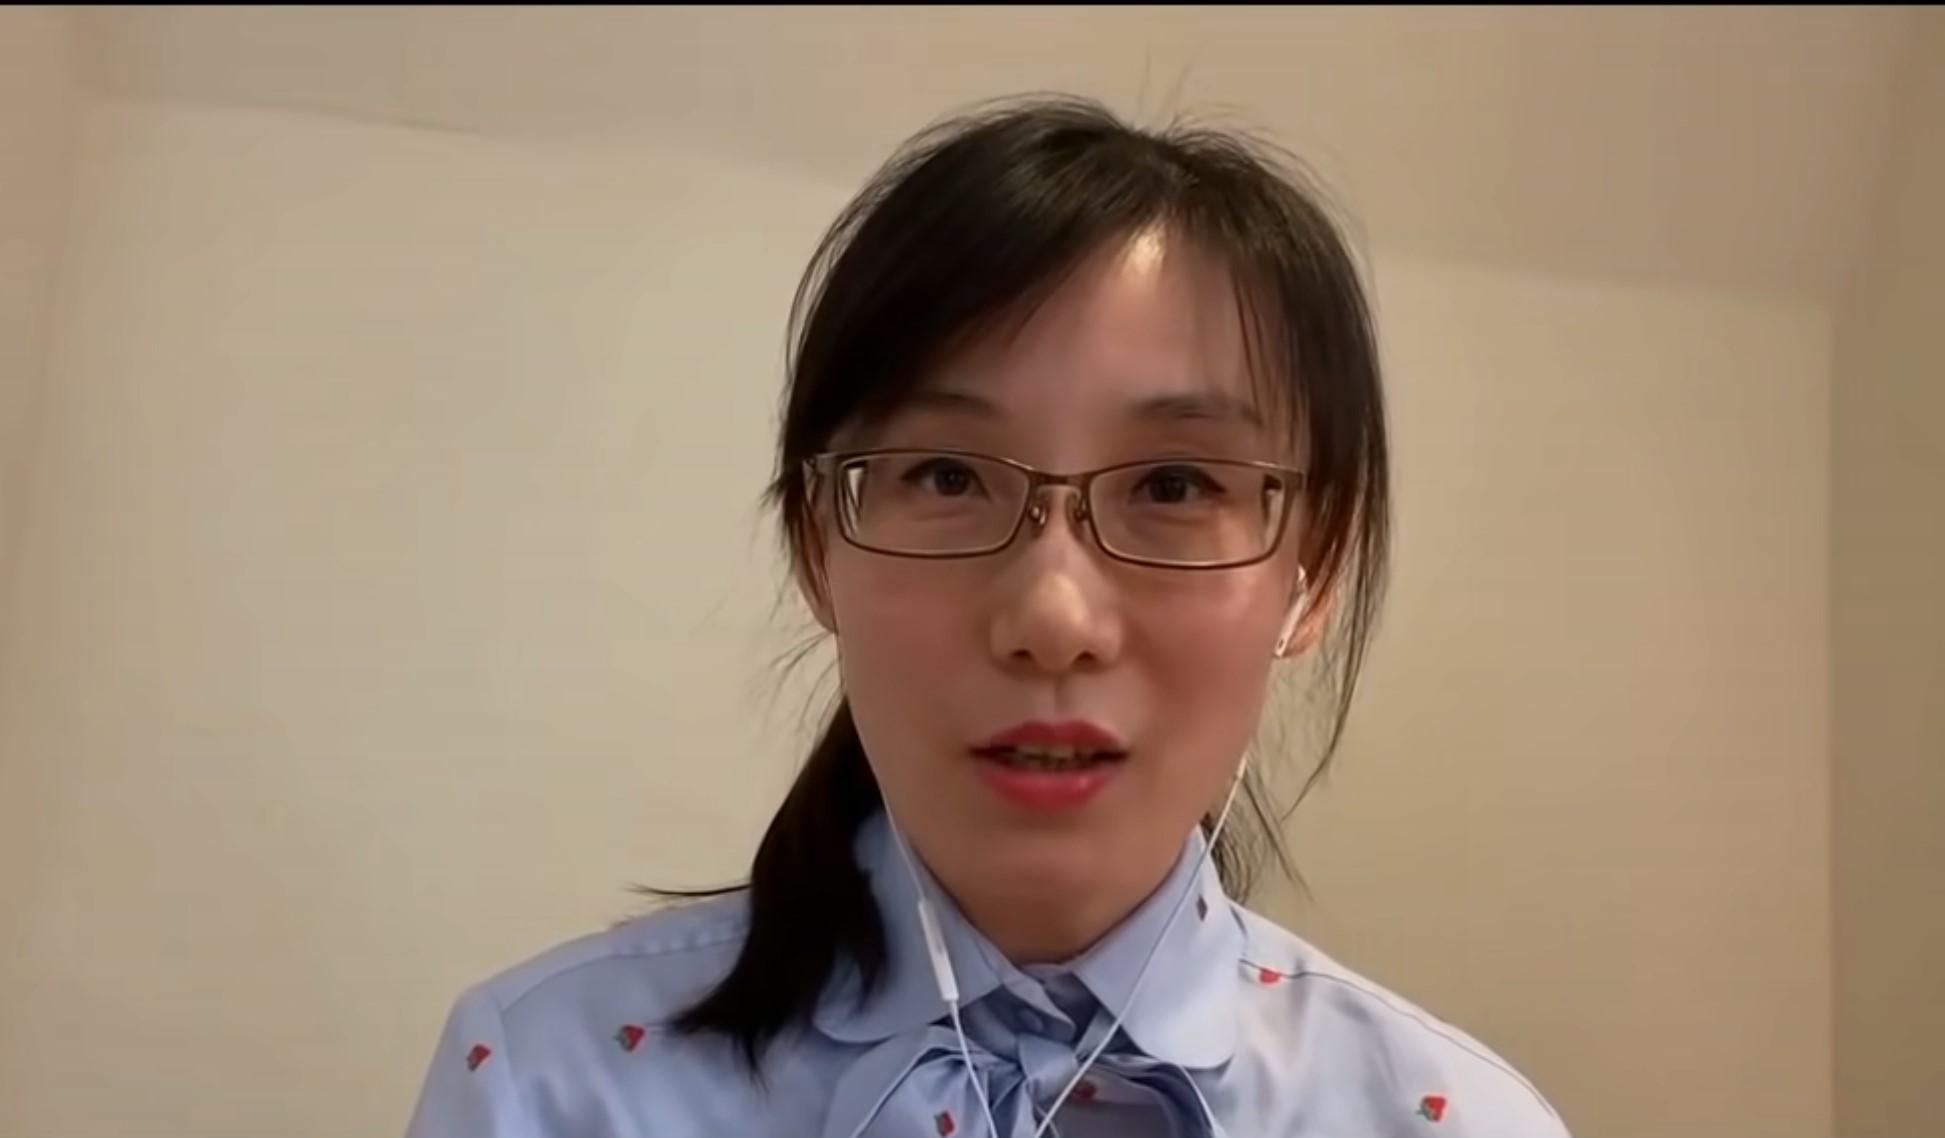 PRETILI JOJ: Pobegla iz Kine u SAD da otkrije tajnu o Koroni 2